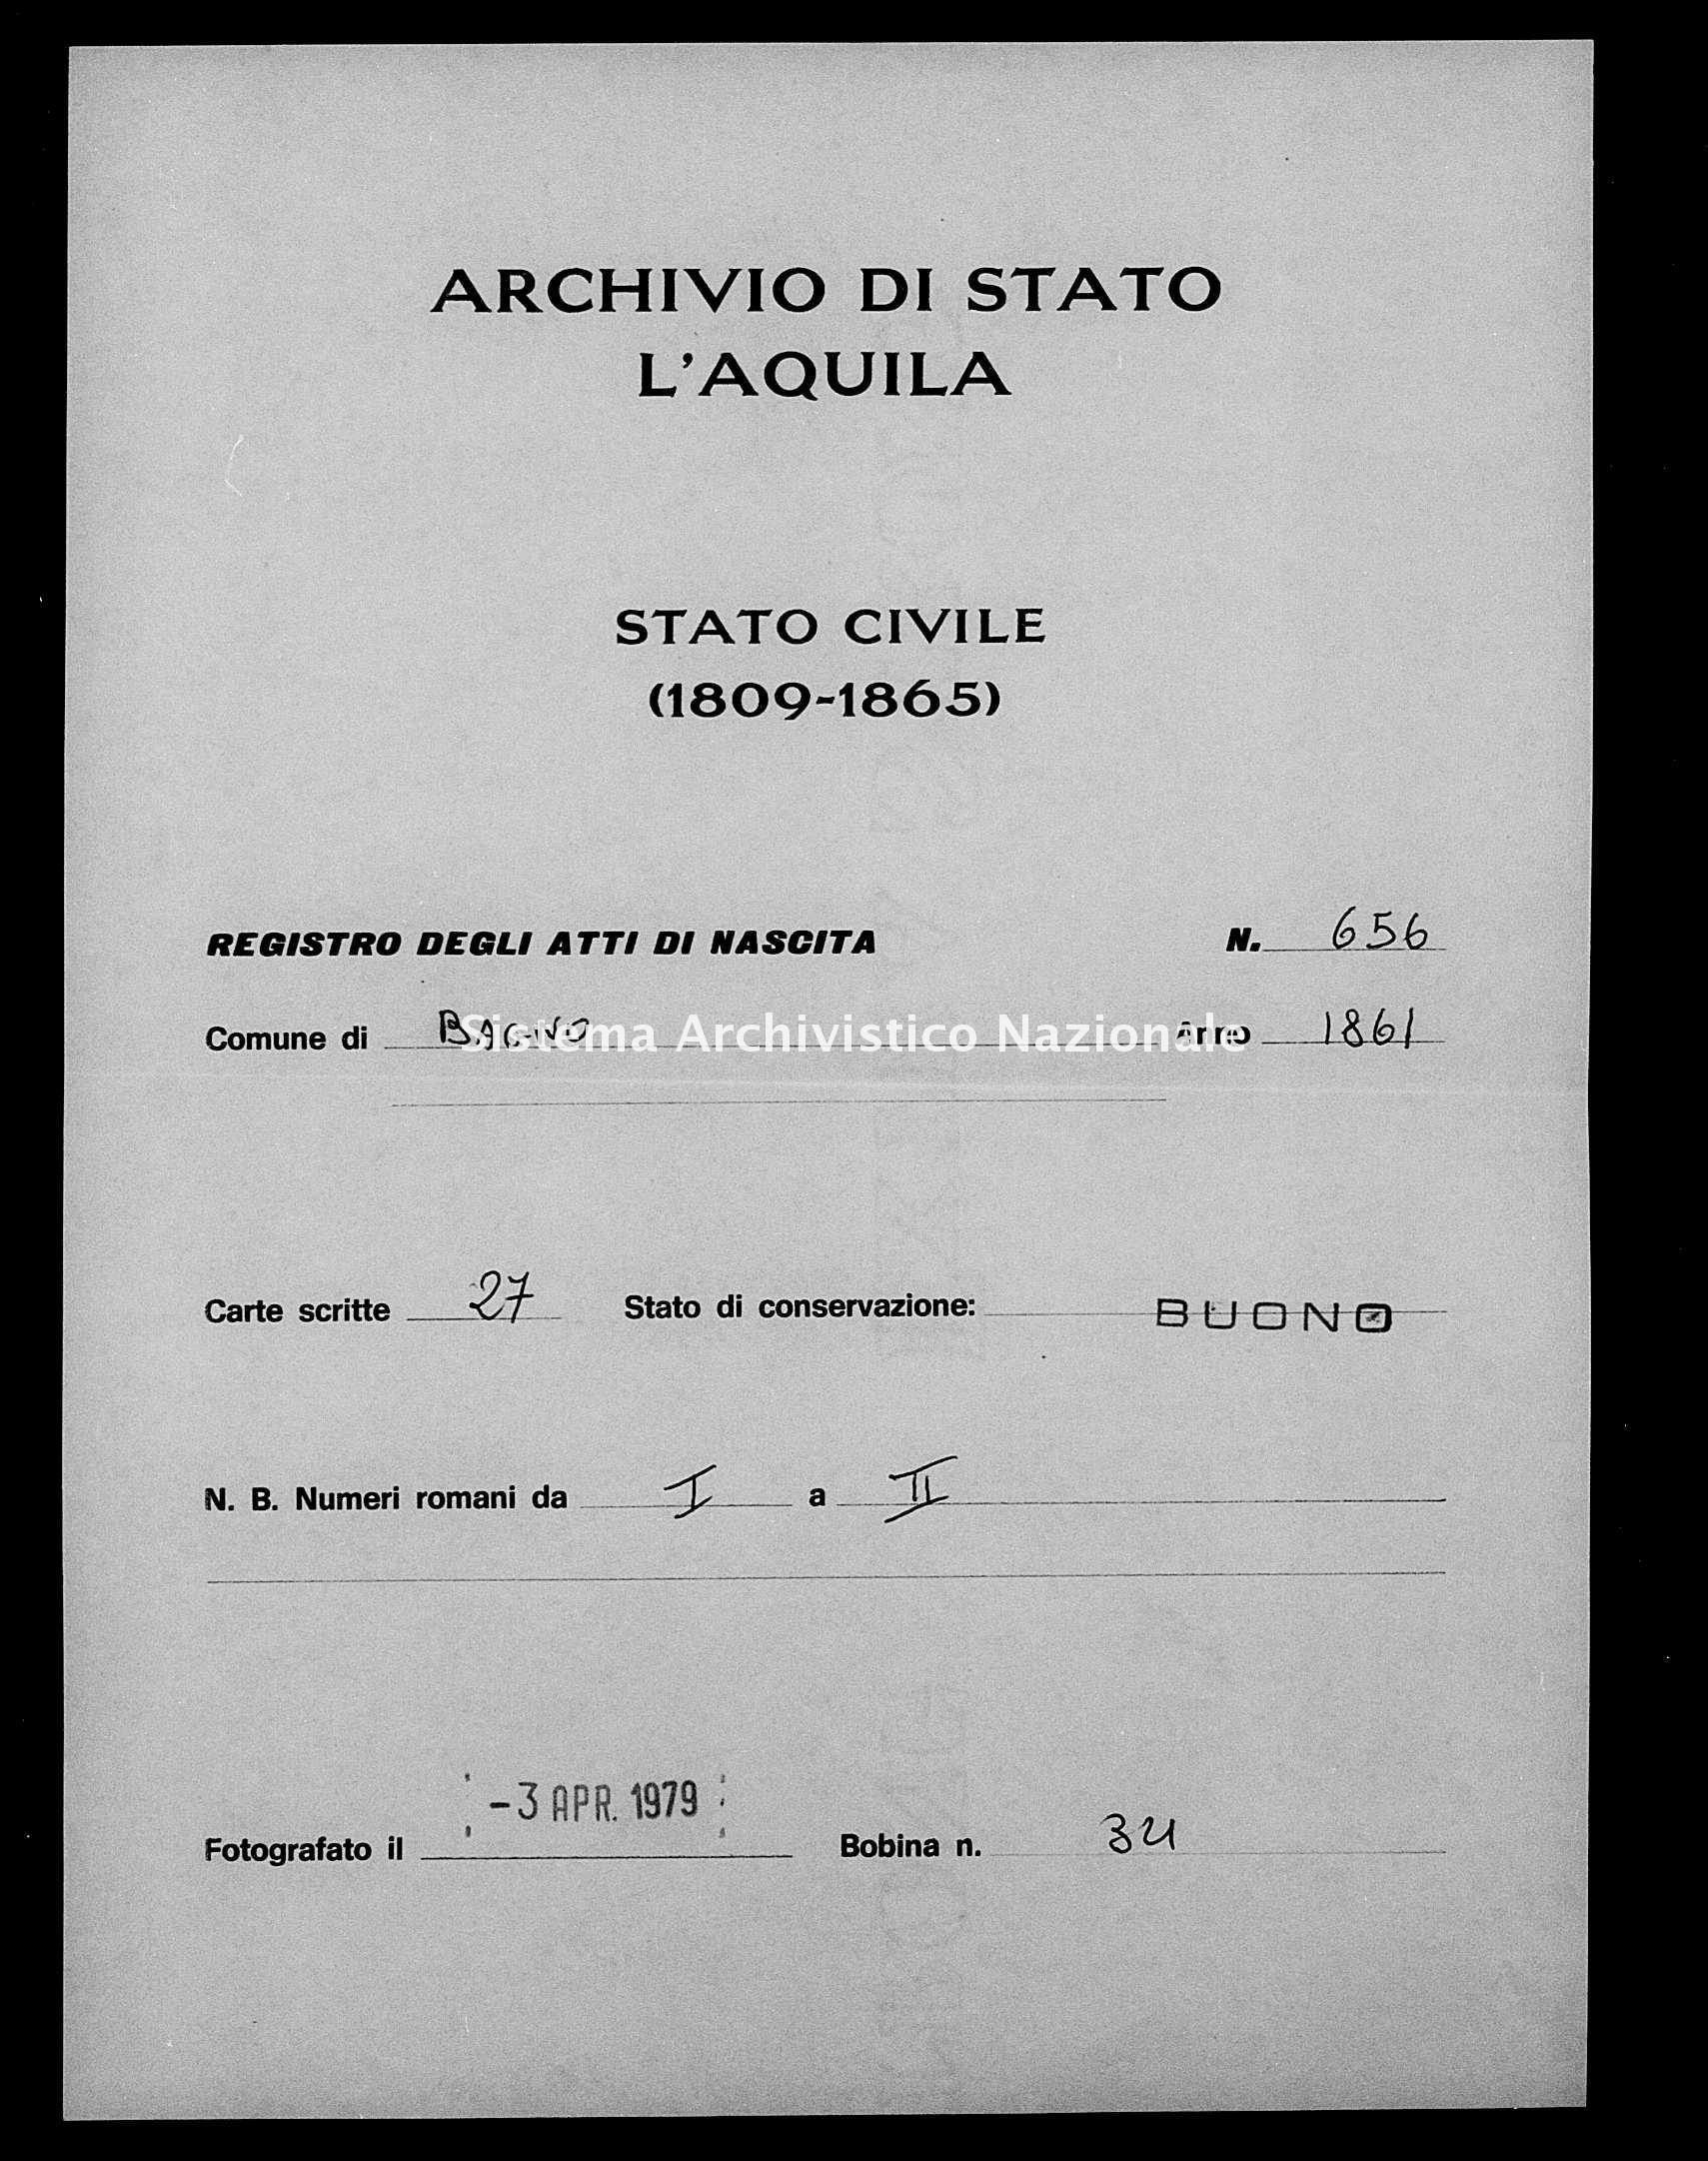 Archivio di stato di L'aquila - Stato civile italiano - Bagno - Nati - 1861 - 656 -